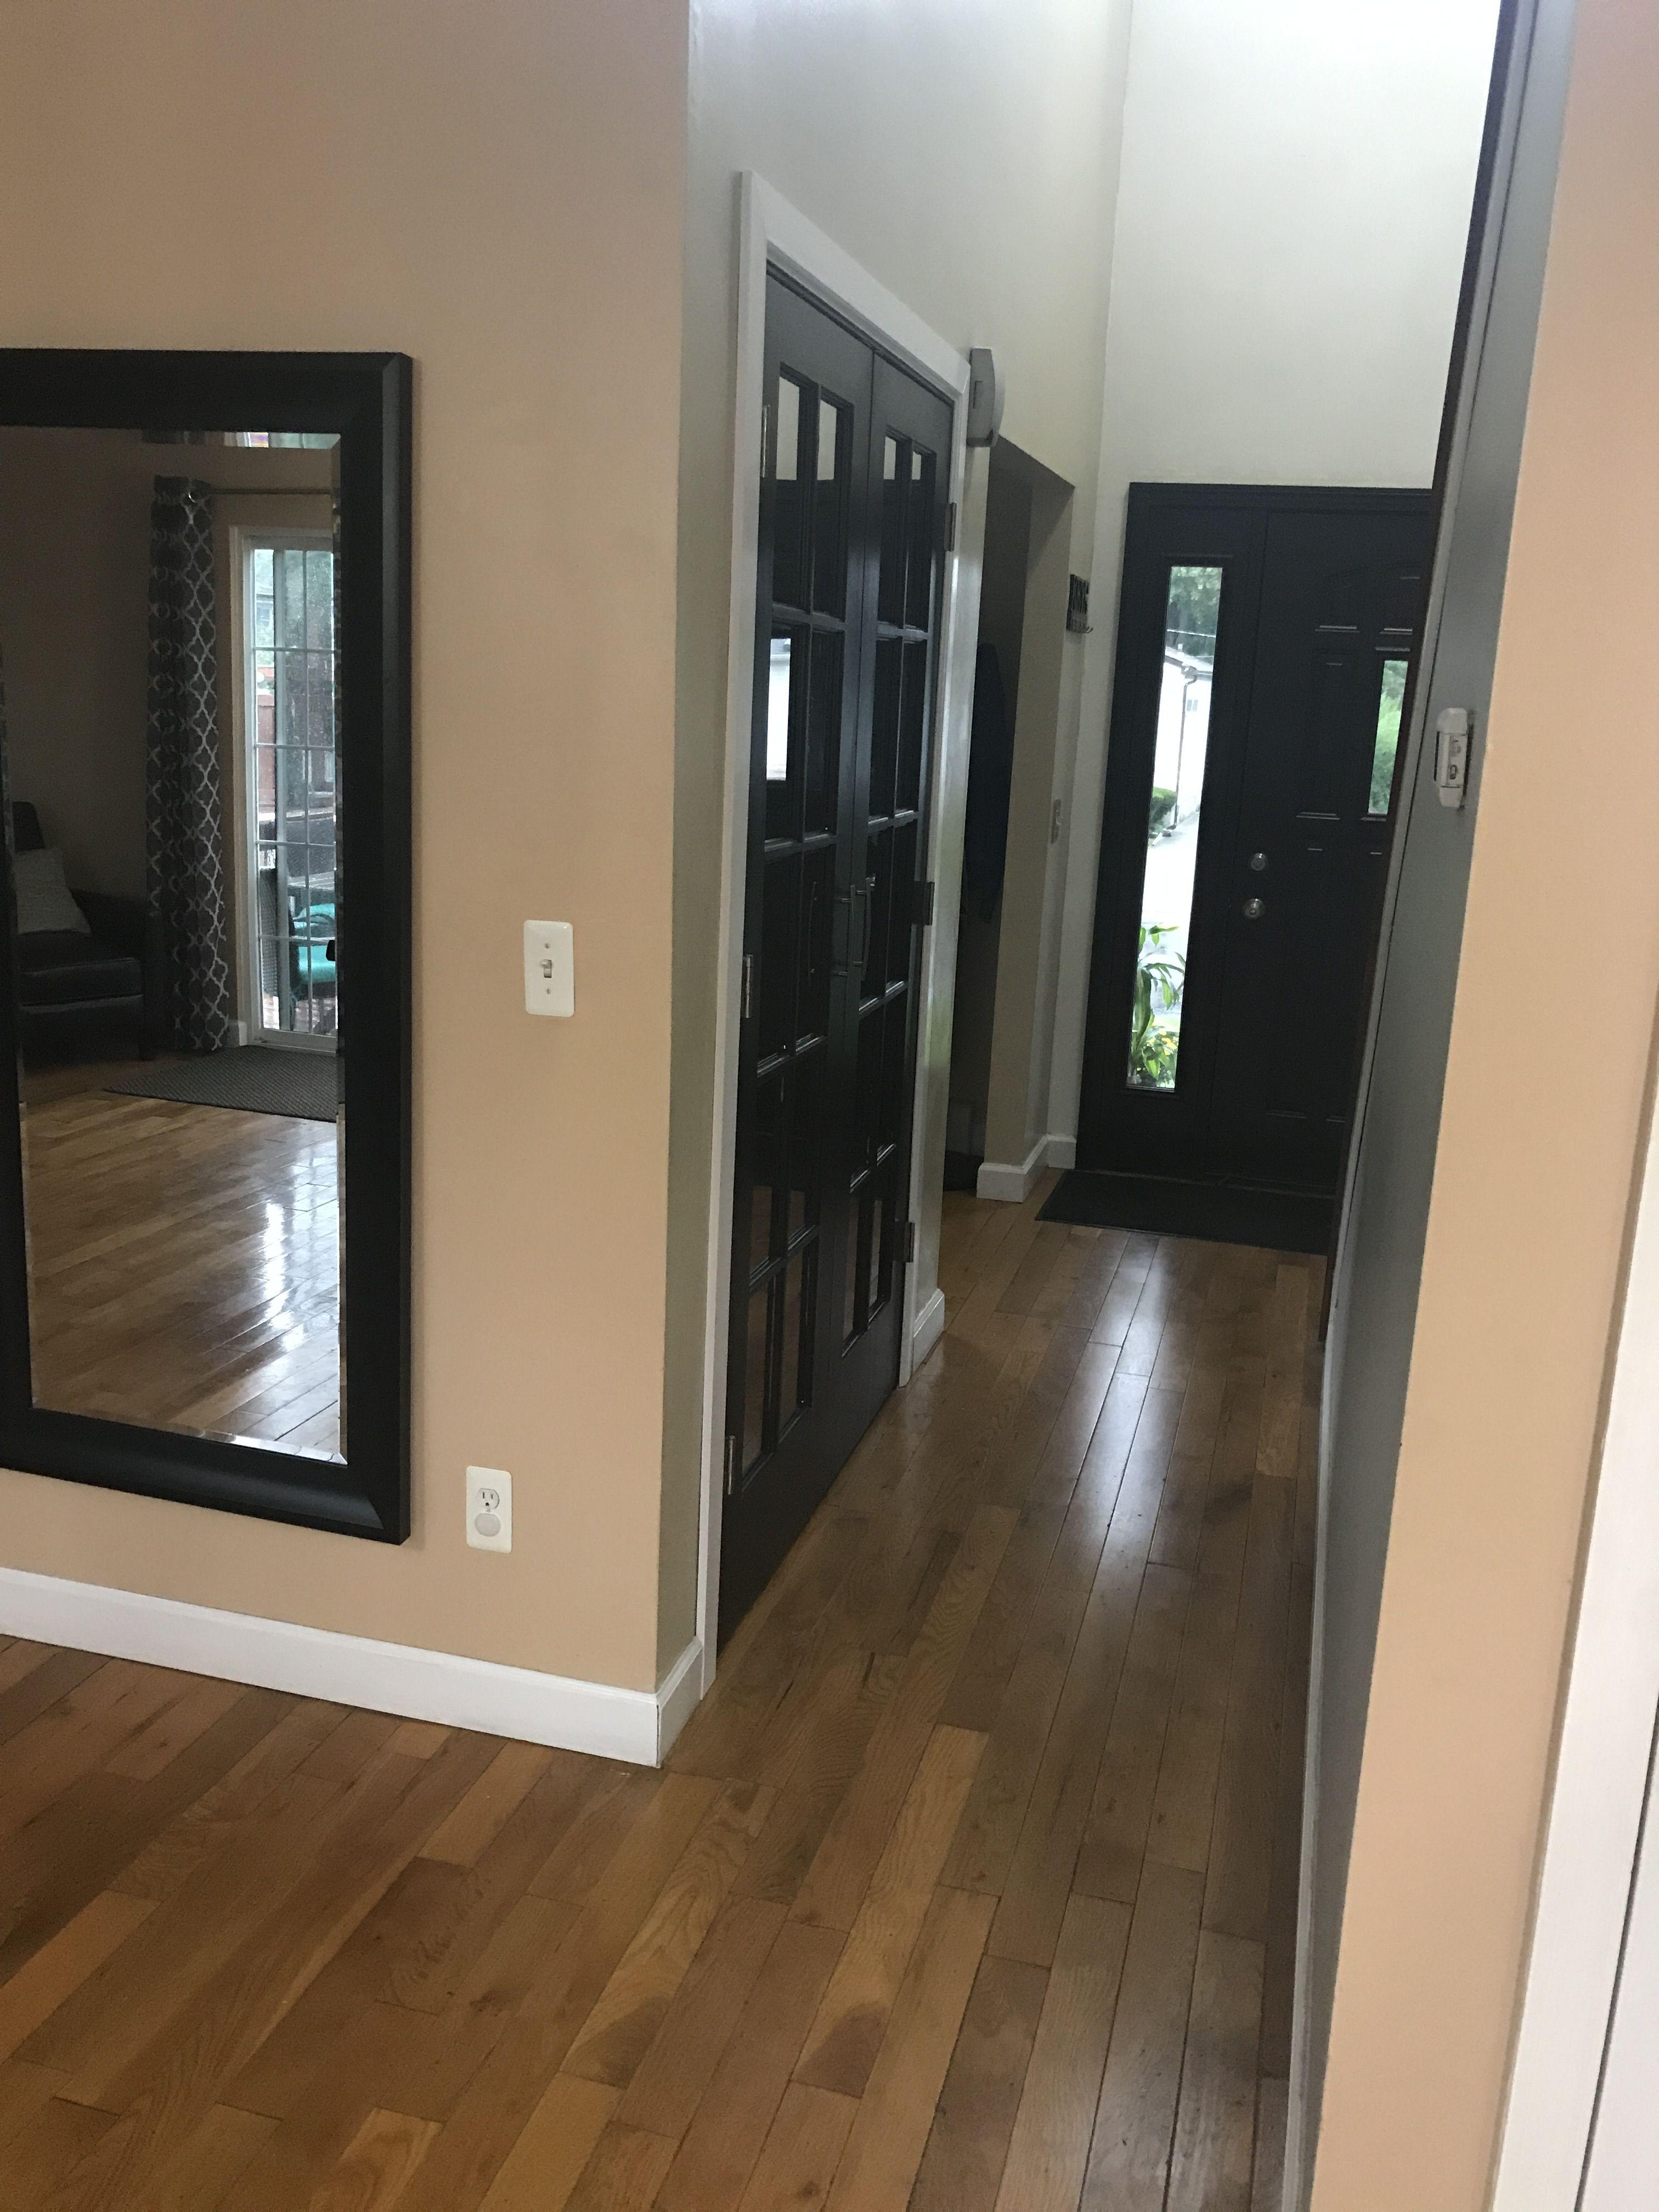 Front Foyer Closet Doors : Black french doors for closet to match front door in foyer